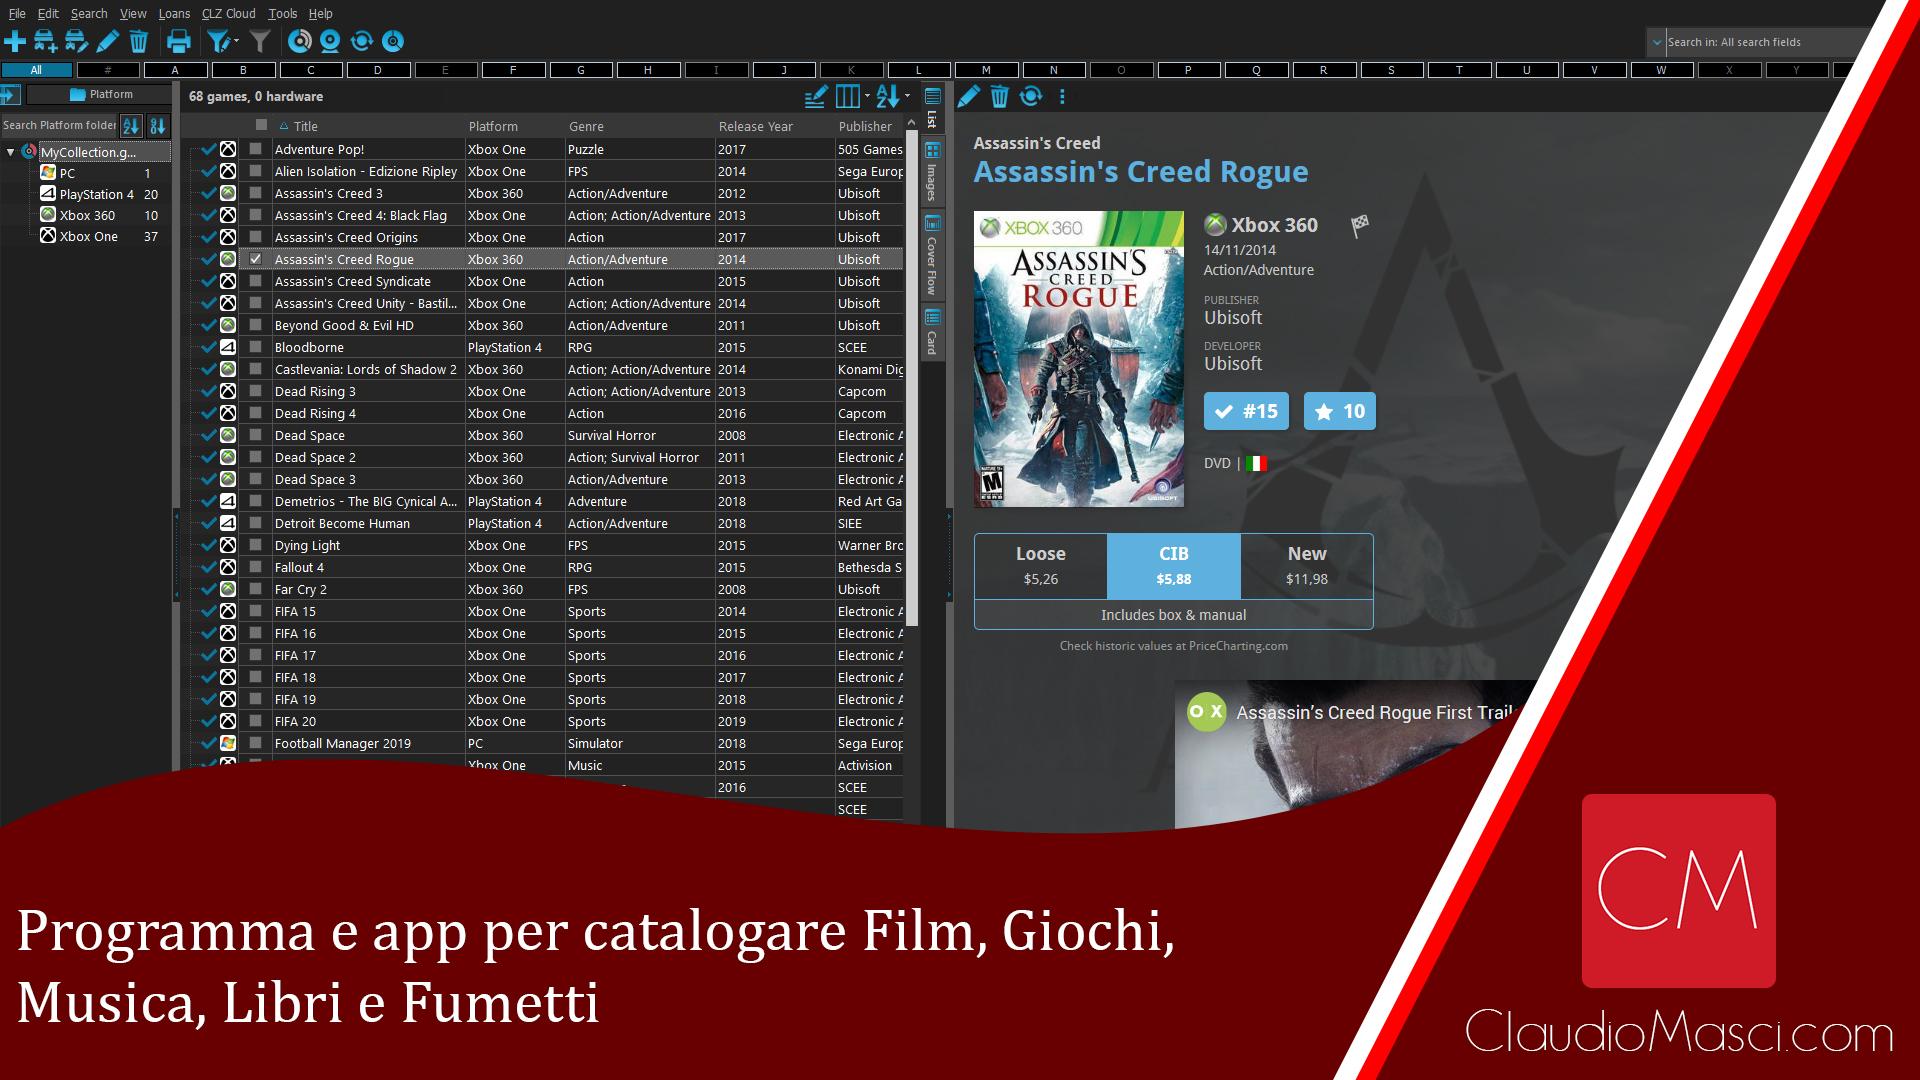 Programma e app per catalogare Film, Giochi, Musica, Libri e Fumetti